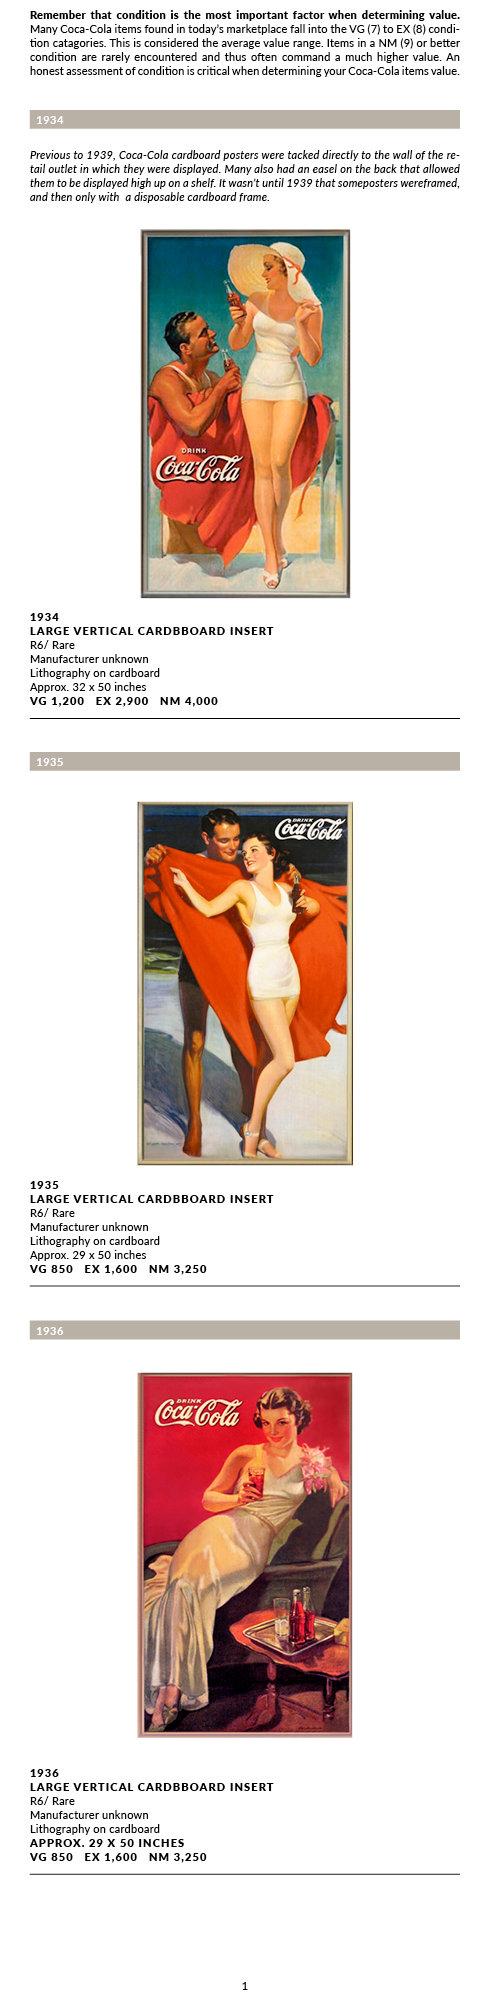 1930VertCard_.jpg